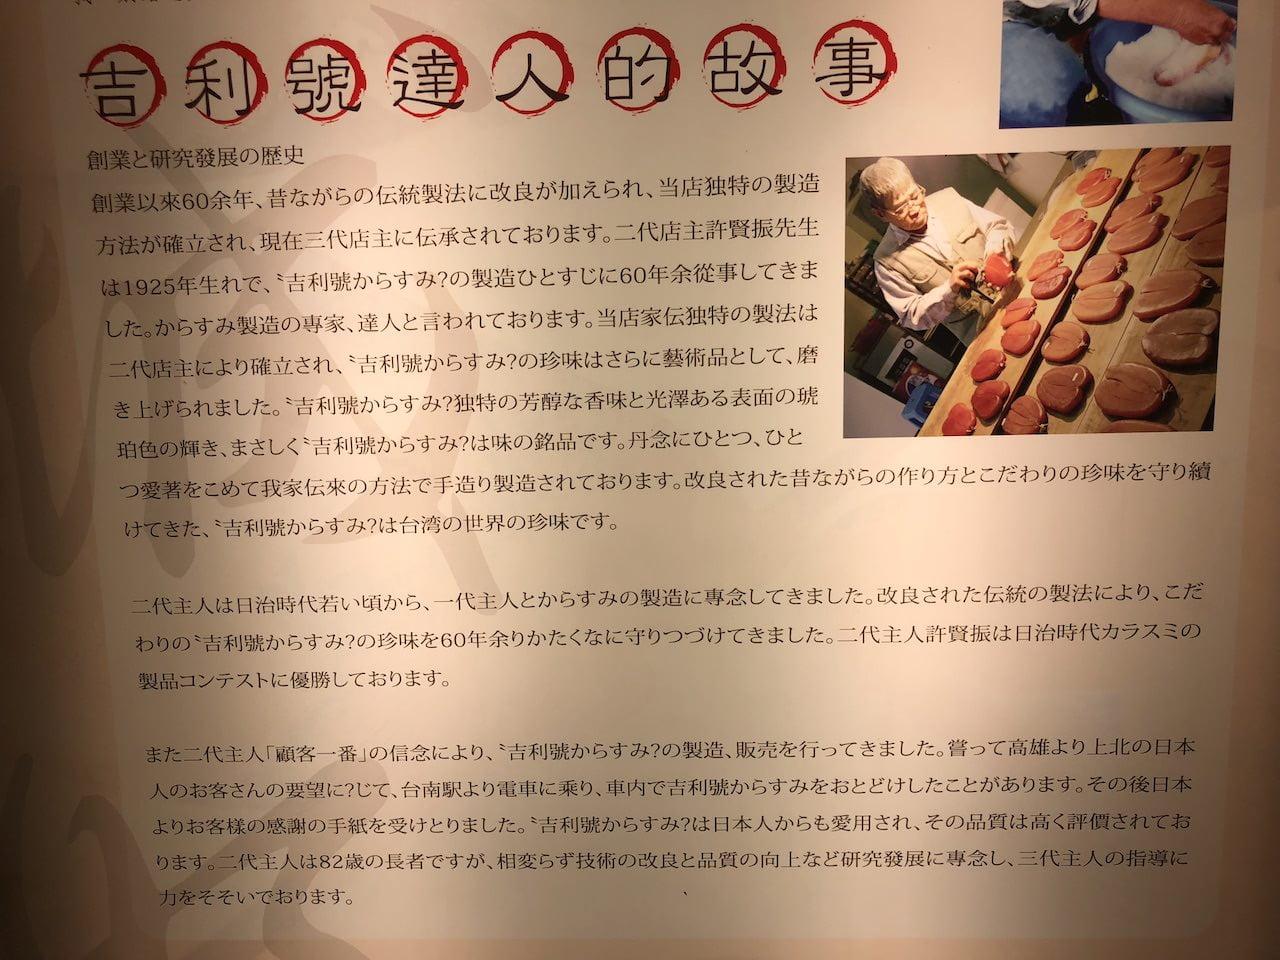 Taiwan tainan karasumi 0023